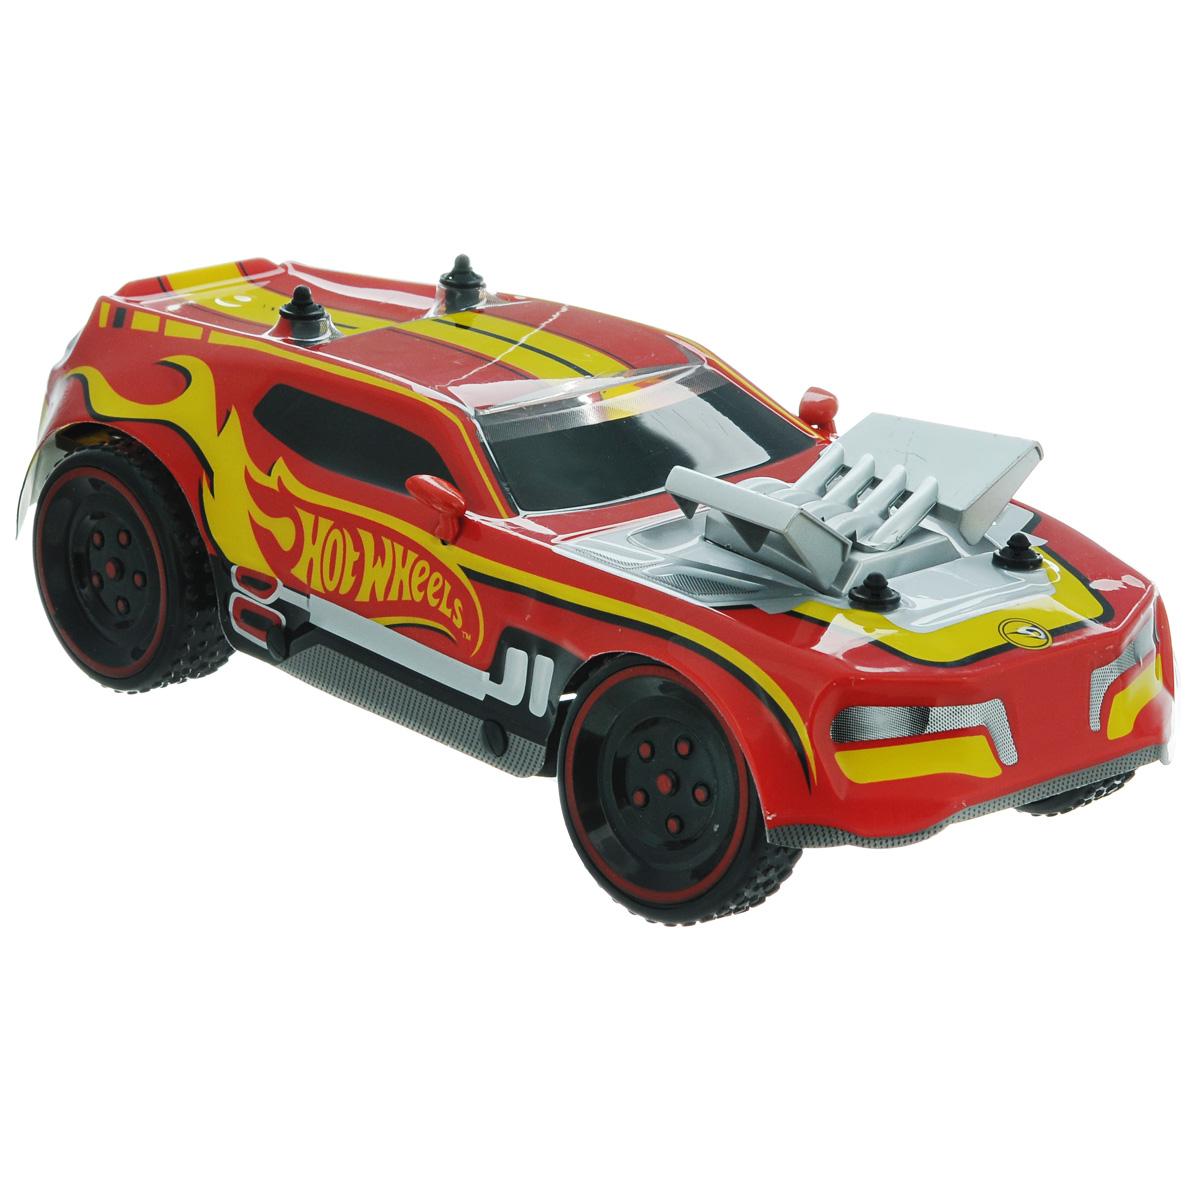 Hot Wheels Машина на радиоуправлении 2 в 1 со сменным корпусом63256